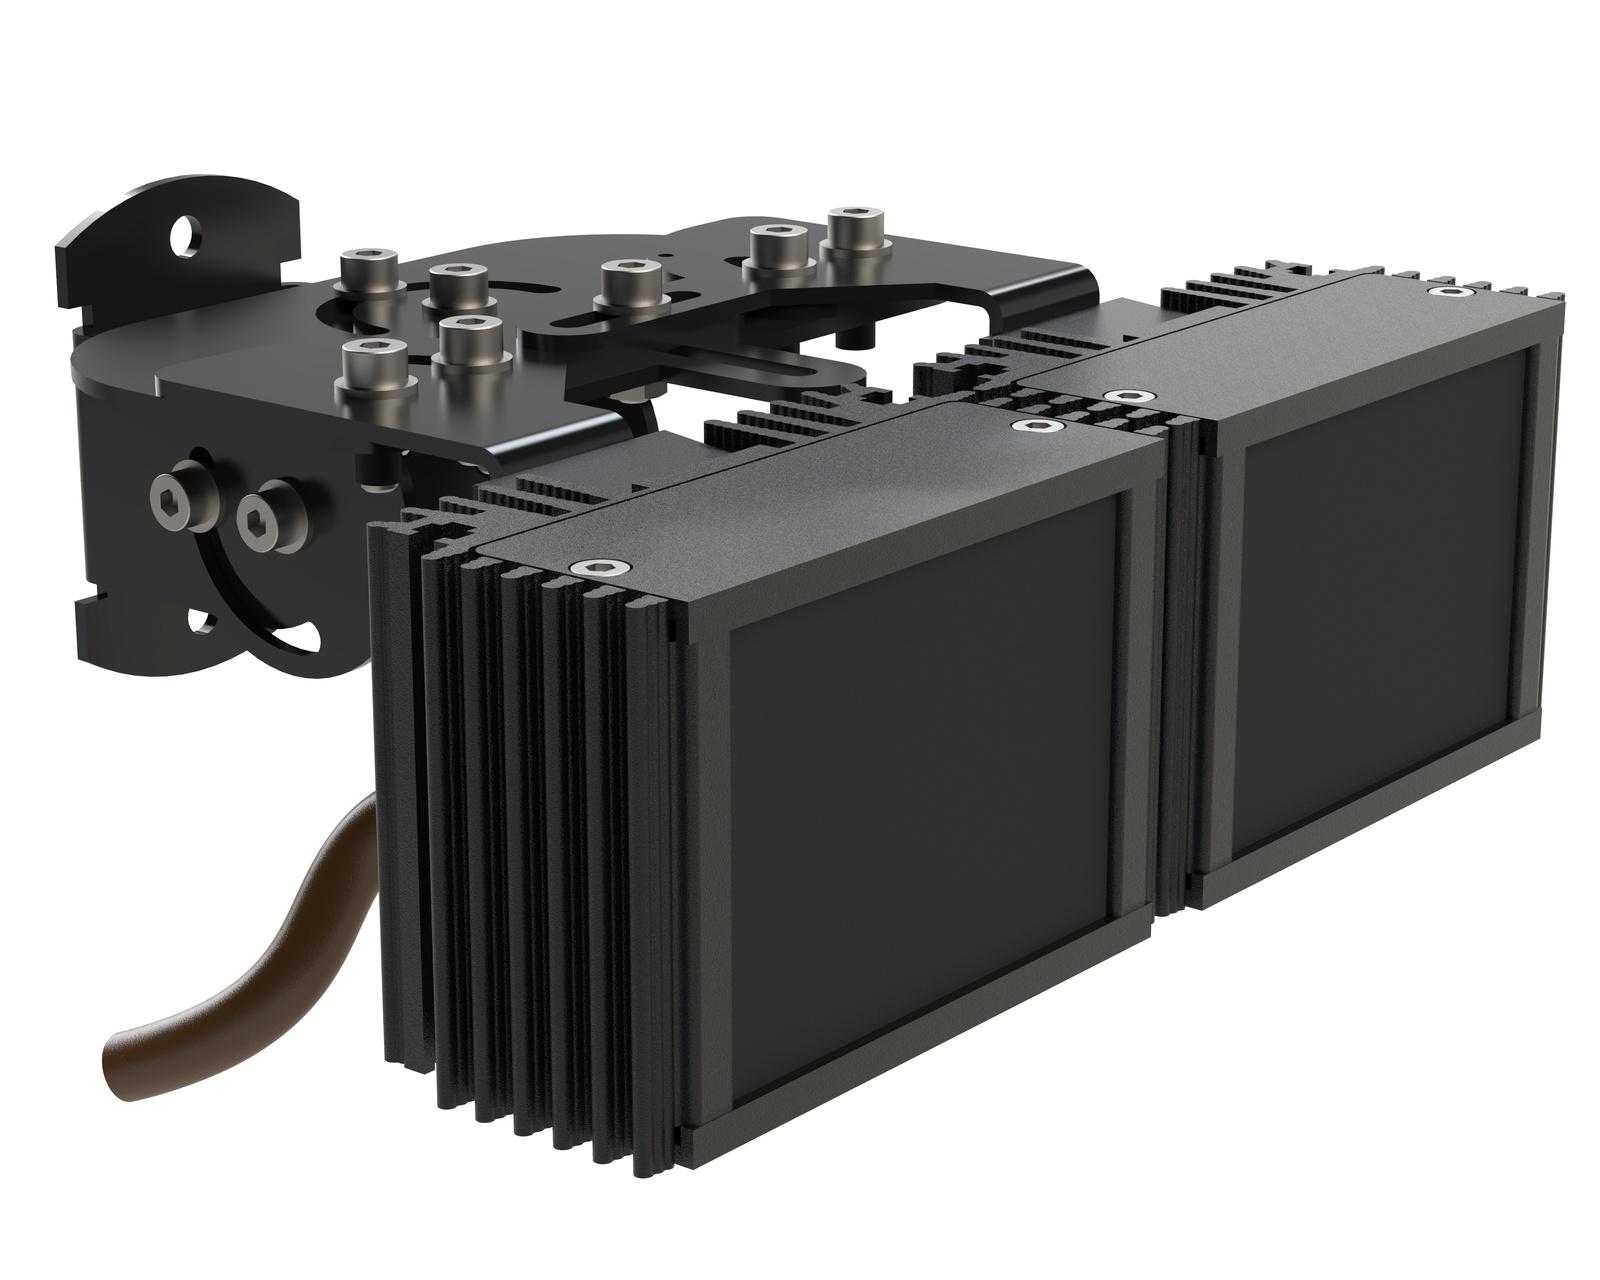 Инфракрасный прожектор Microlight IR VARIO S 5.0-50/30 с регулировкой угла для камеры с объективом 5.0-50 мм. Дальность до 80 метров ночного видения Уличный IP67